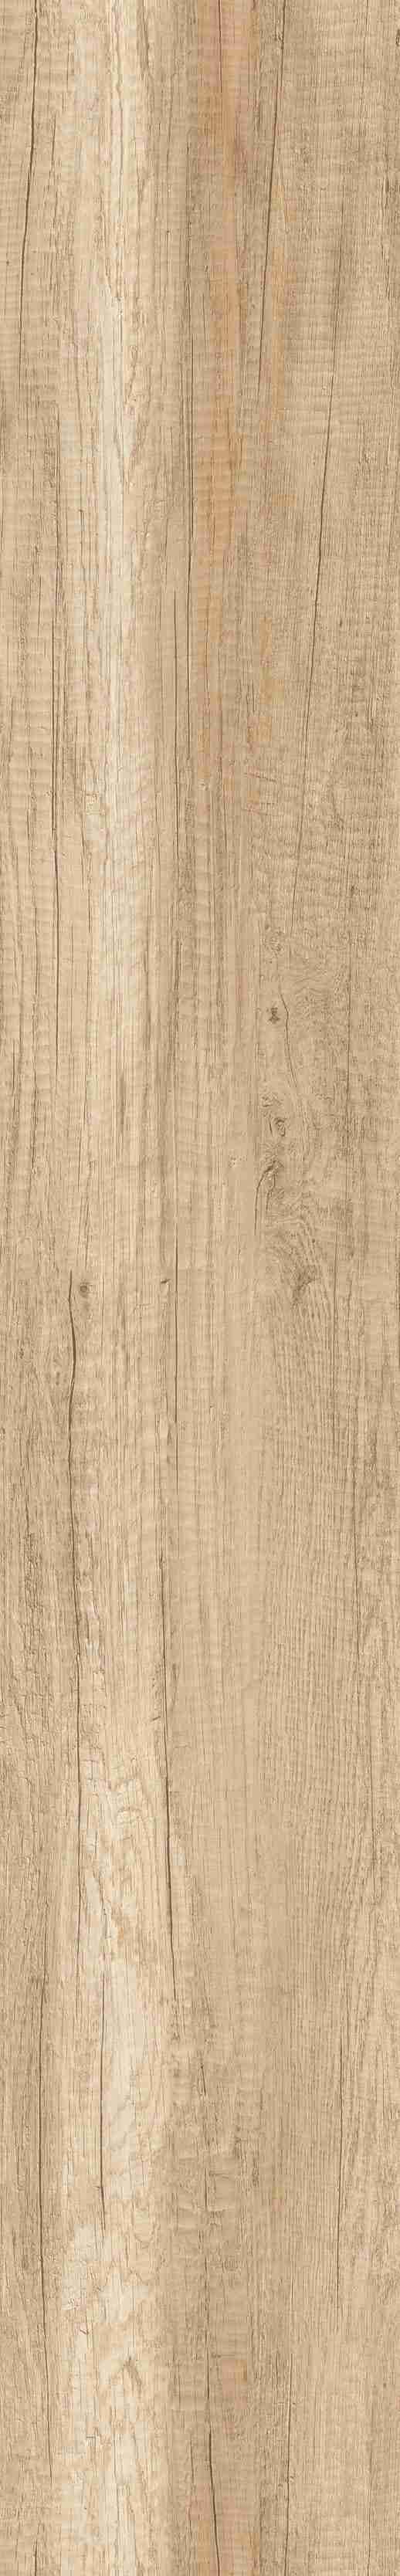 Lauta oak lifestyle 2